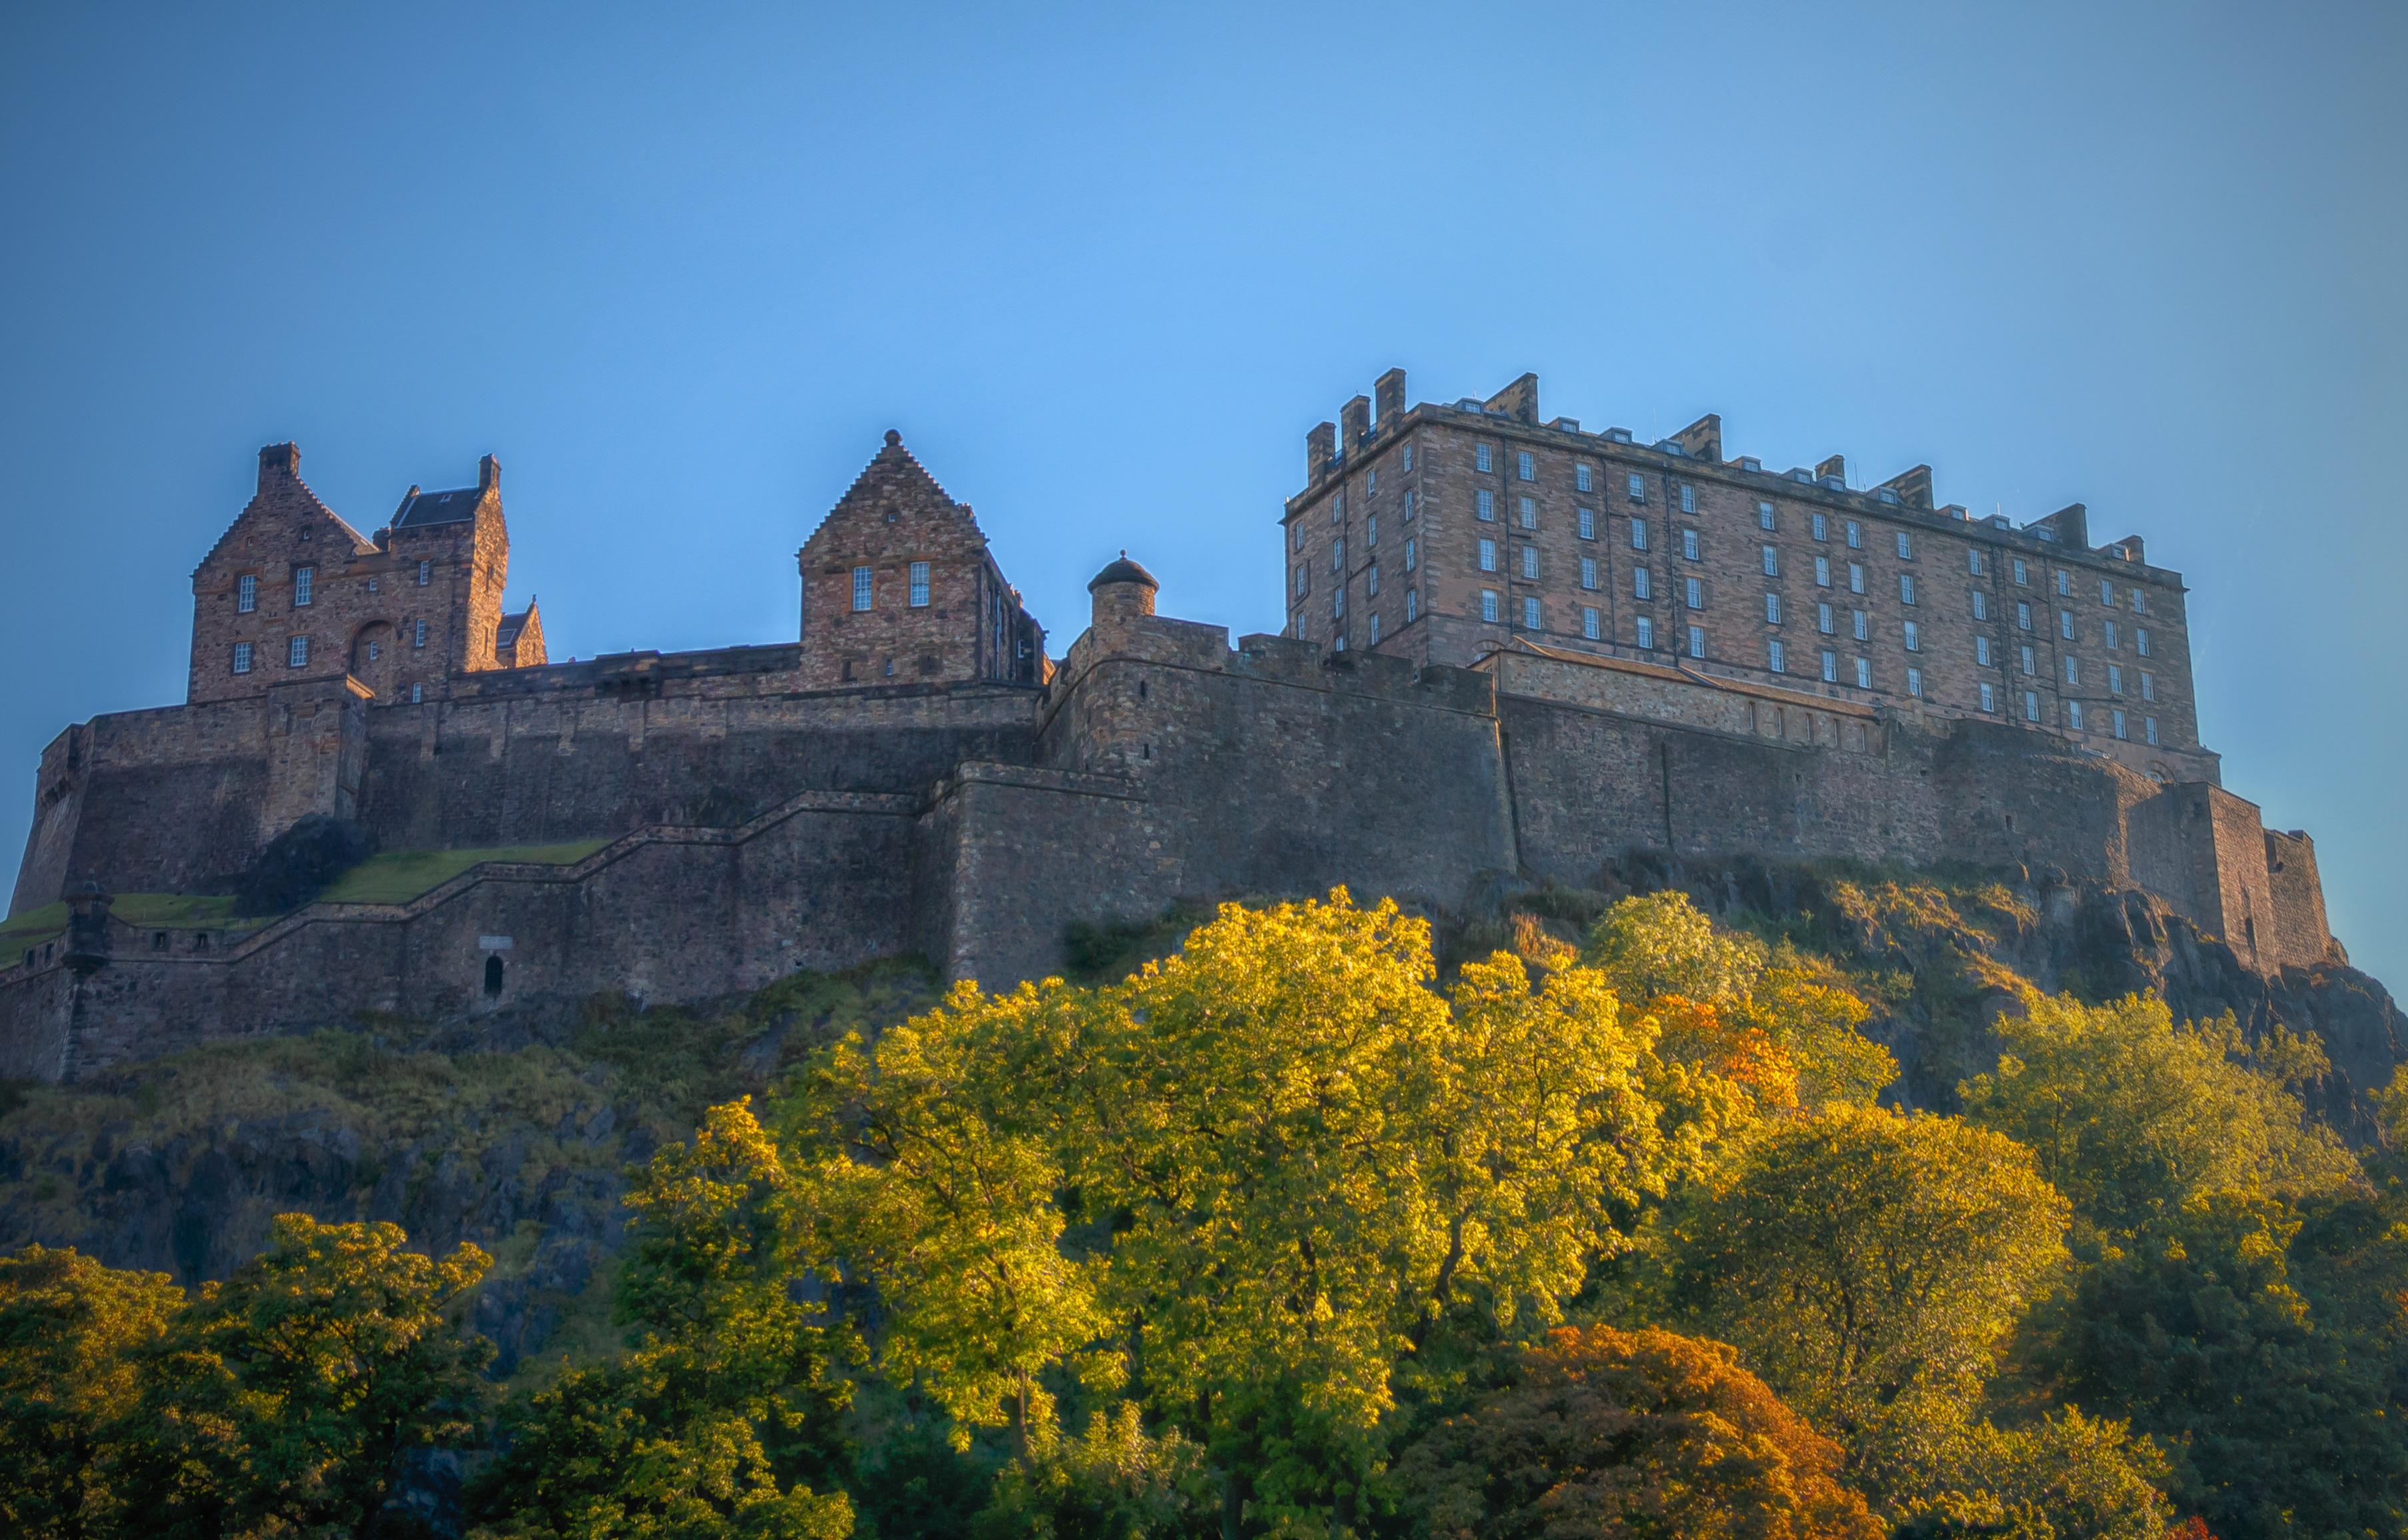 Edinburgh Castle | Image by Walkerssk